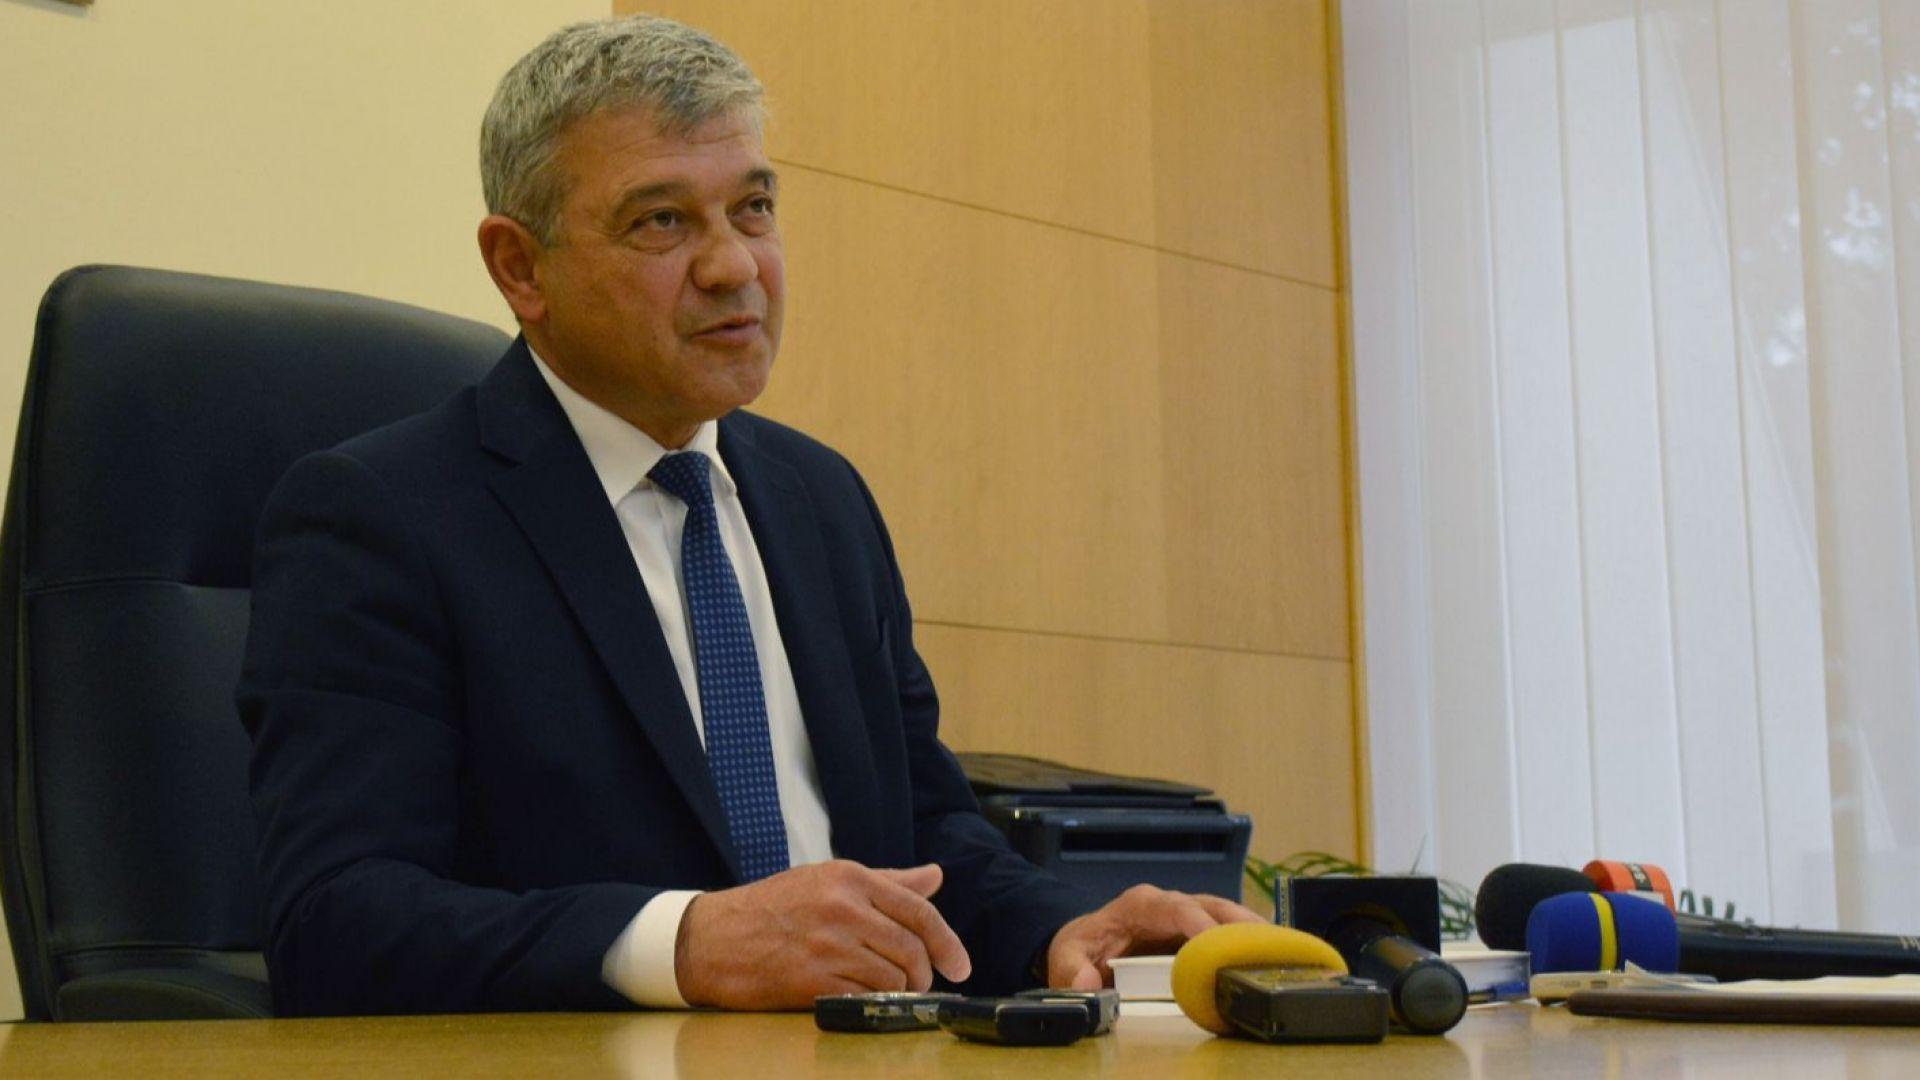 Съдът реши да се прекратят правомощията на кмета на Благоевград